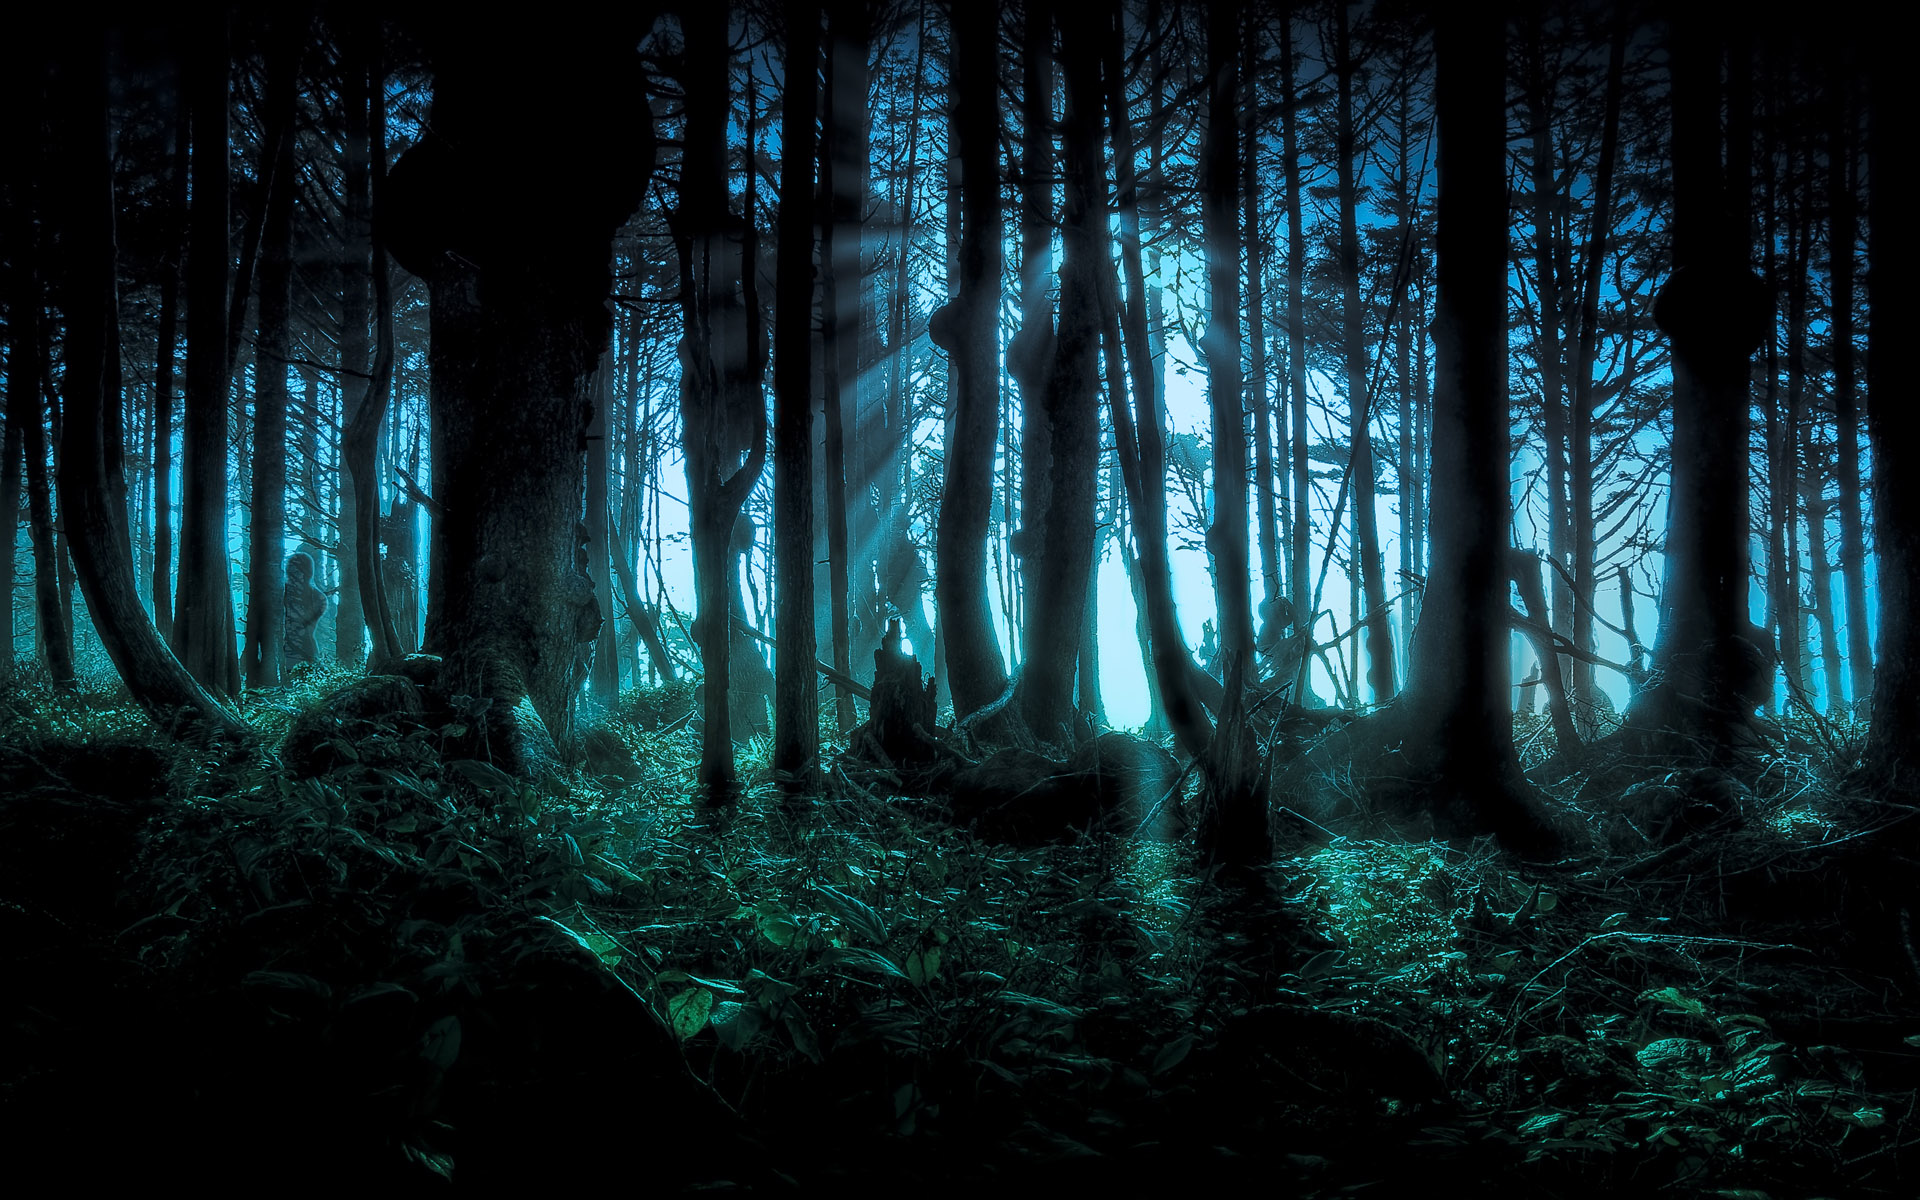 Woods in Darkness